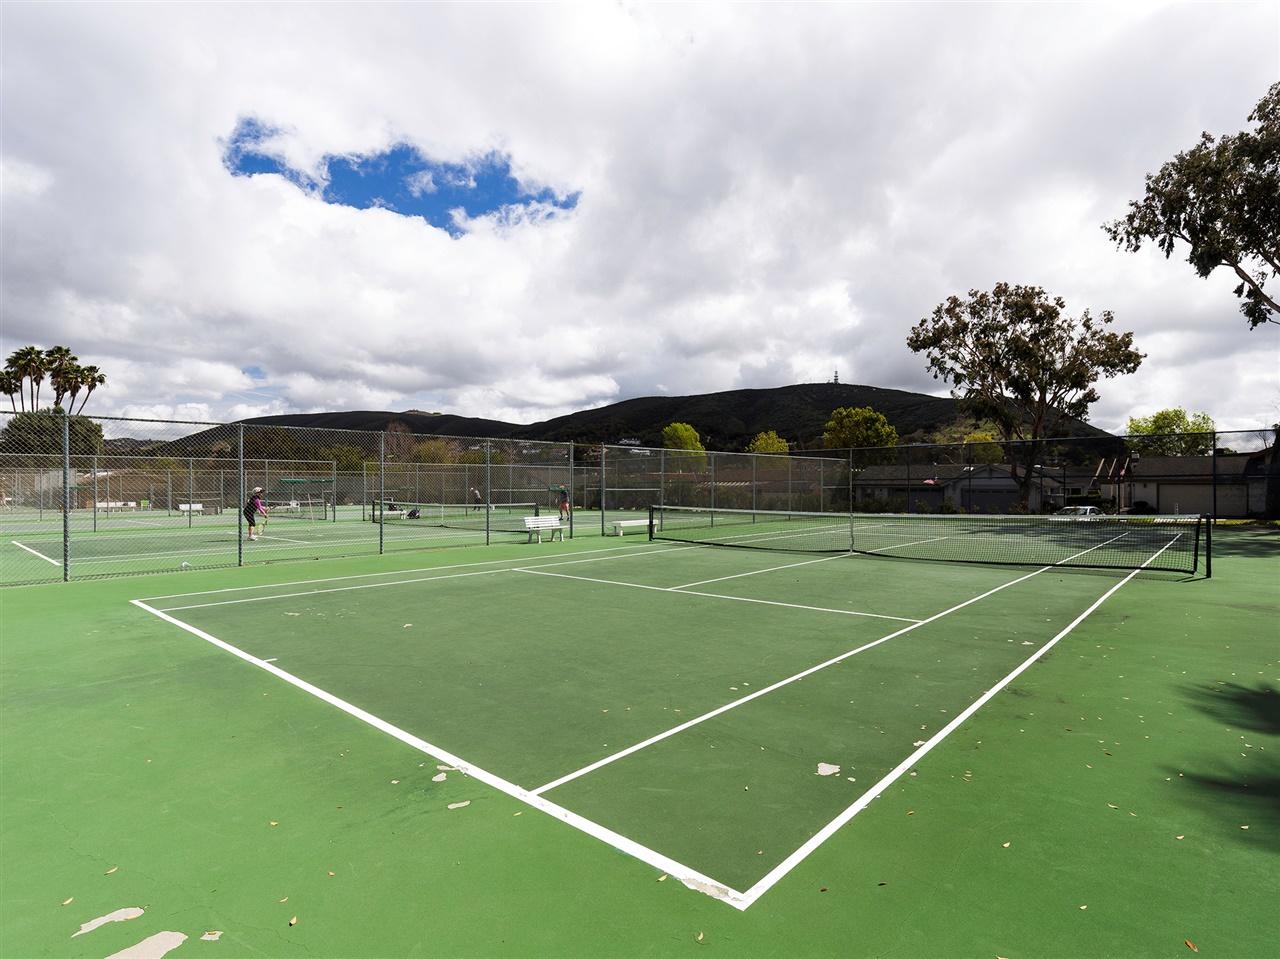 38-tennis_courts.jpg